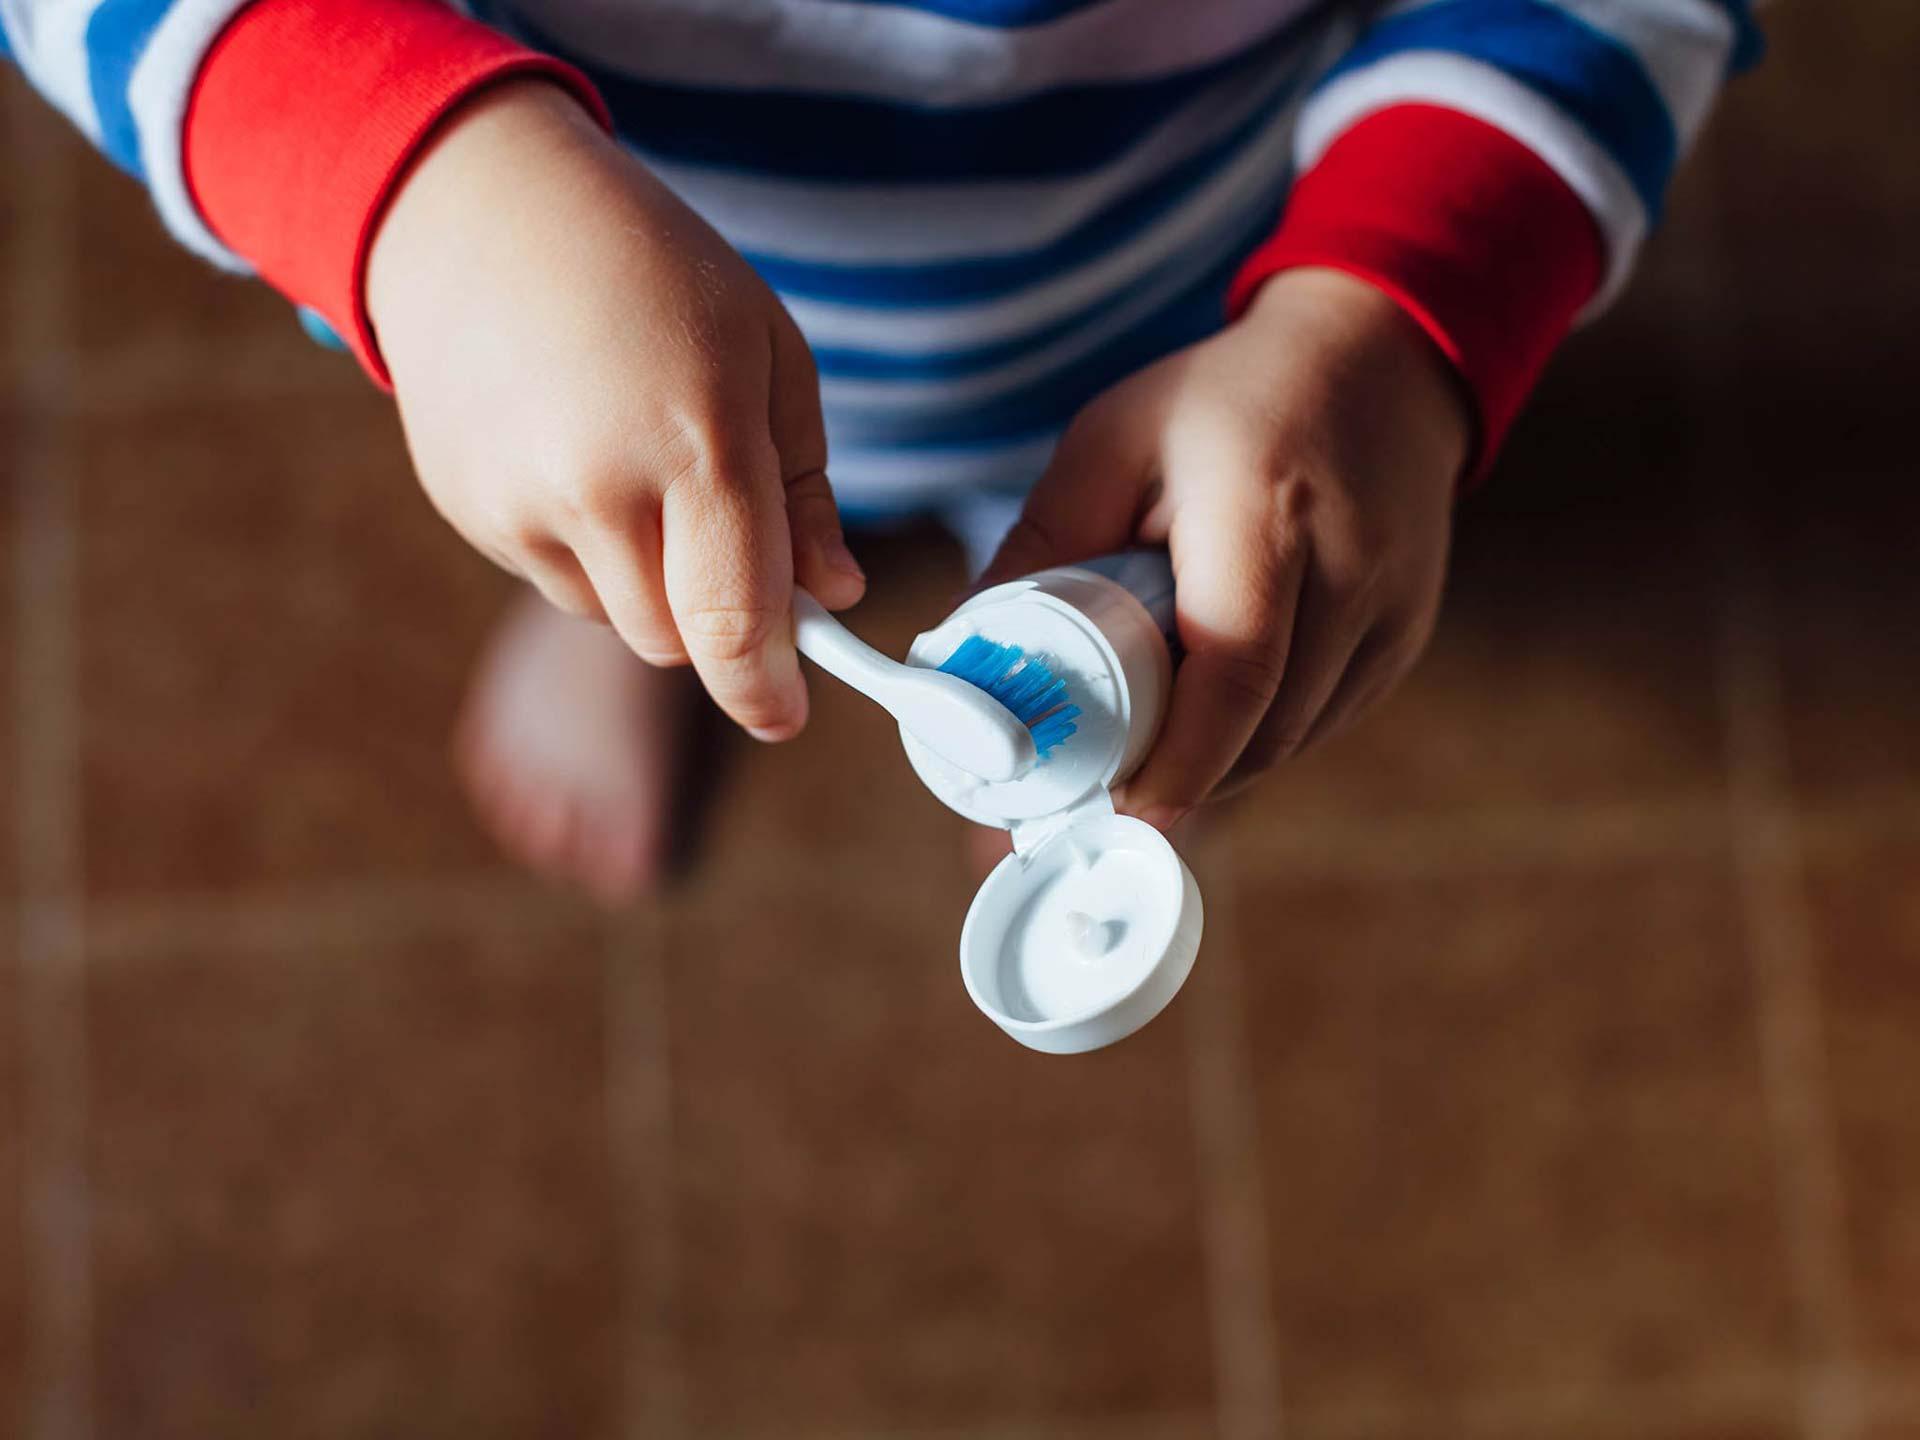 Mani di un bambino con spazzolino e dentifricio